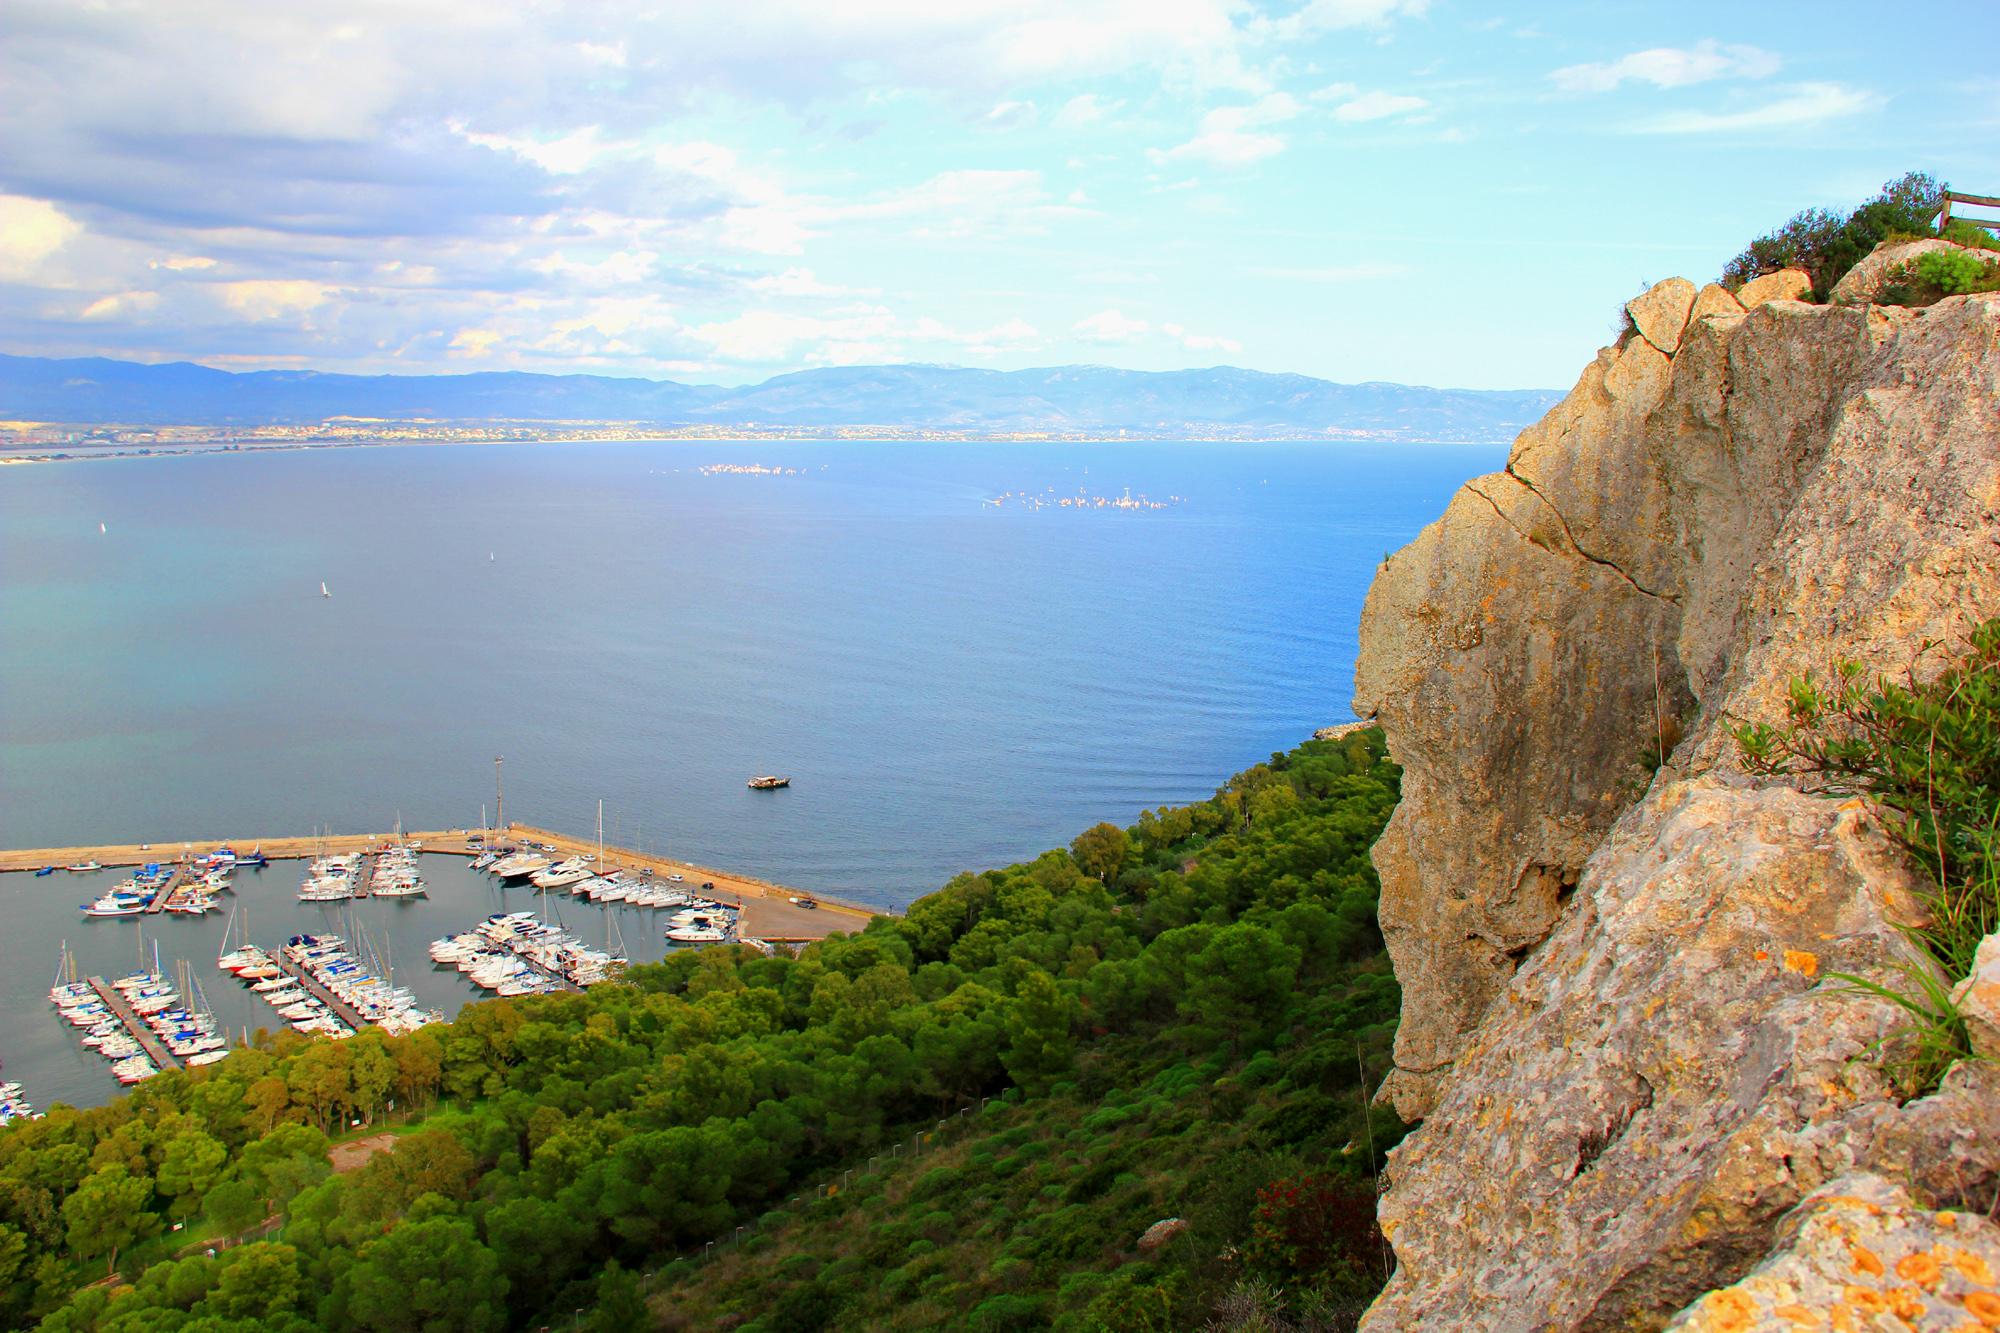 Golfo degli Angeli Sella del Diavolo - Poetto Cagliari